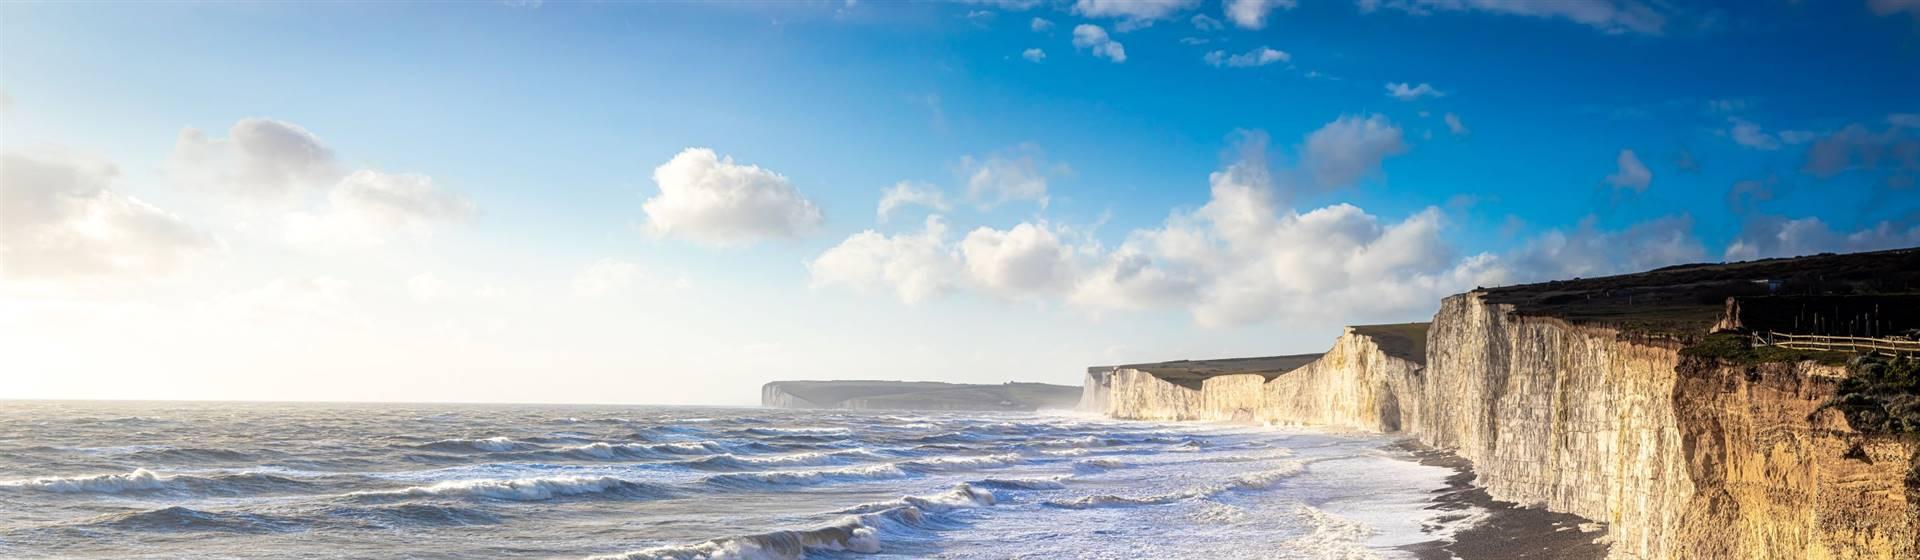 """<img src=""""sevensisterschalkcliffs-shutterstock.jpeg"""" alt=""""Seven Sisters Cliffs Sussex""""/>"""